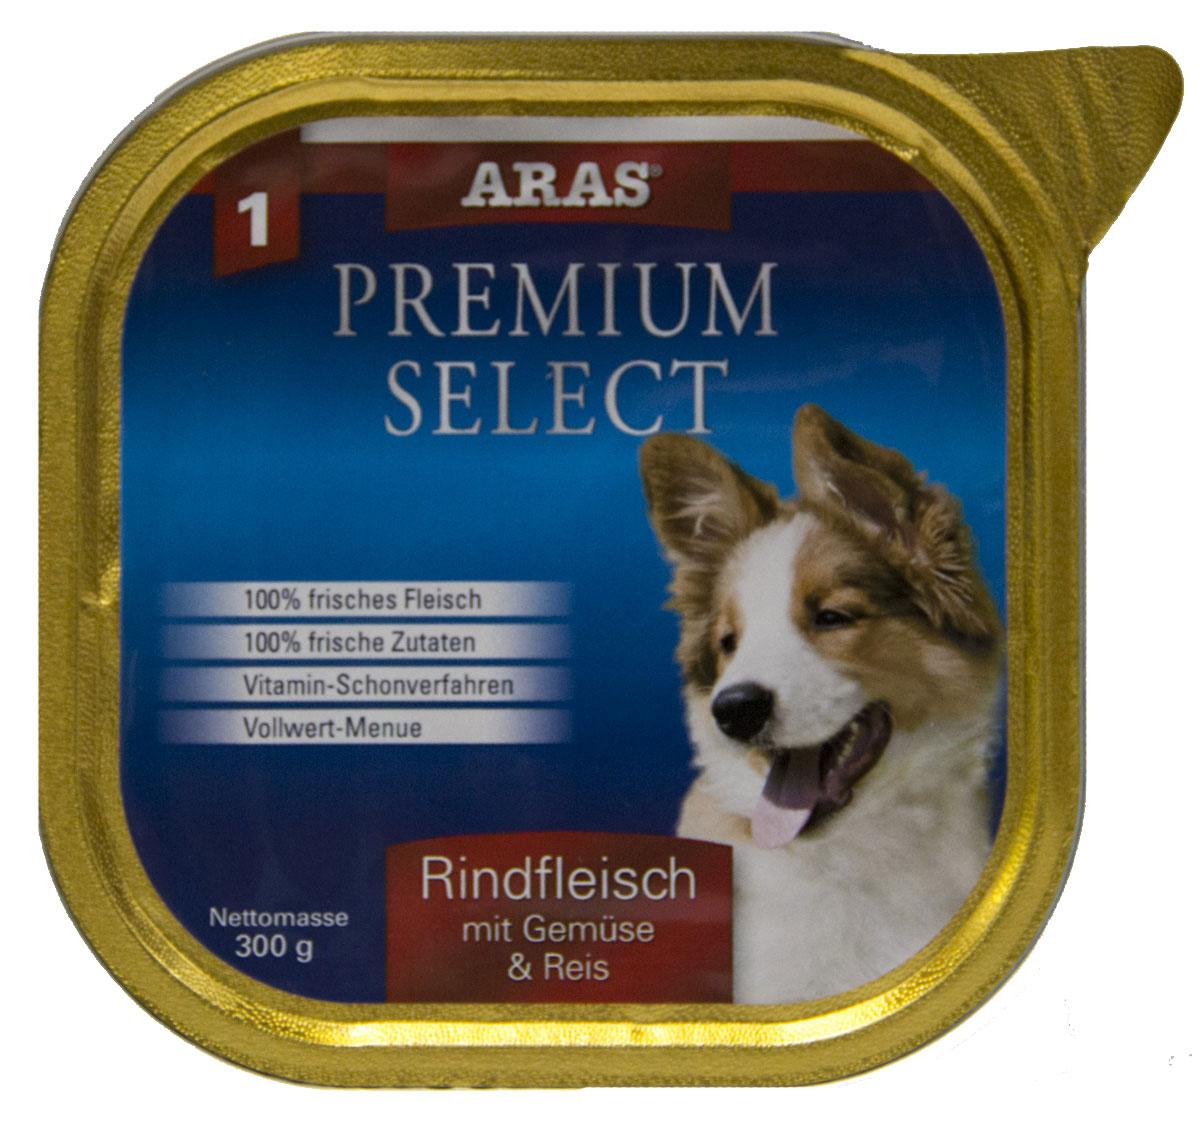 Консервы Aras Premium Select, для собак, с говядиной, овощами и рисом рис, 195 г101201Повседневный консервированный корм для собак всех пород и всех возрастов. Корм произведен в Германии из продуктов, пригодных в пищу человека по специальной технологии схожей с технологией Sous Vide. Благодаря уникальной технологии, схожей с технологий Souse Vide, при изготовлении сохраняются все натуральные витамины и минералы. Это достигается благодаря бережной обработке всех ингредиентов при температуре менее 80 градусов. Такая бережная обработка продуктов не стерилизует продуктовые компоненты. Благодаря этому корма не нуждаются ни в каких дополнительных вкусовых добавках и сохраняют все необходимые полезные вещества. При производстве кормов используются исключительно свежие натуральные продукты: мясо, овощи и зерновые; Приготовлено из 100% свежего мяса, пригодного в пищу человеку; Содержит натуральные витамины, аминокислоты, минеральные вещества и микроэлементы; С экстрактом масла зародышей зерна пшеницы холодного отжима (Bio-Dura); Без химических...